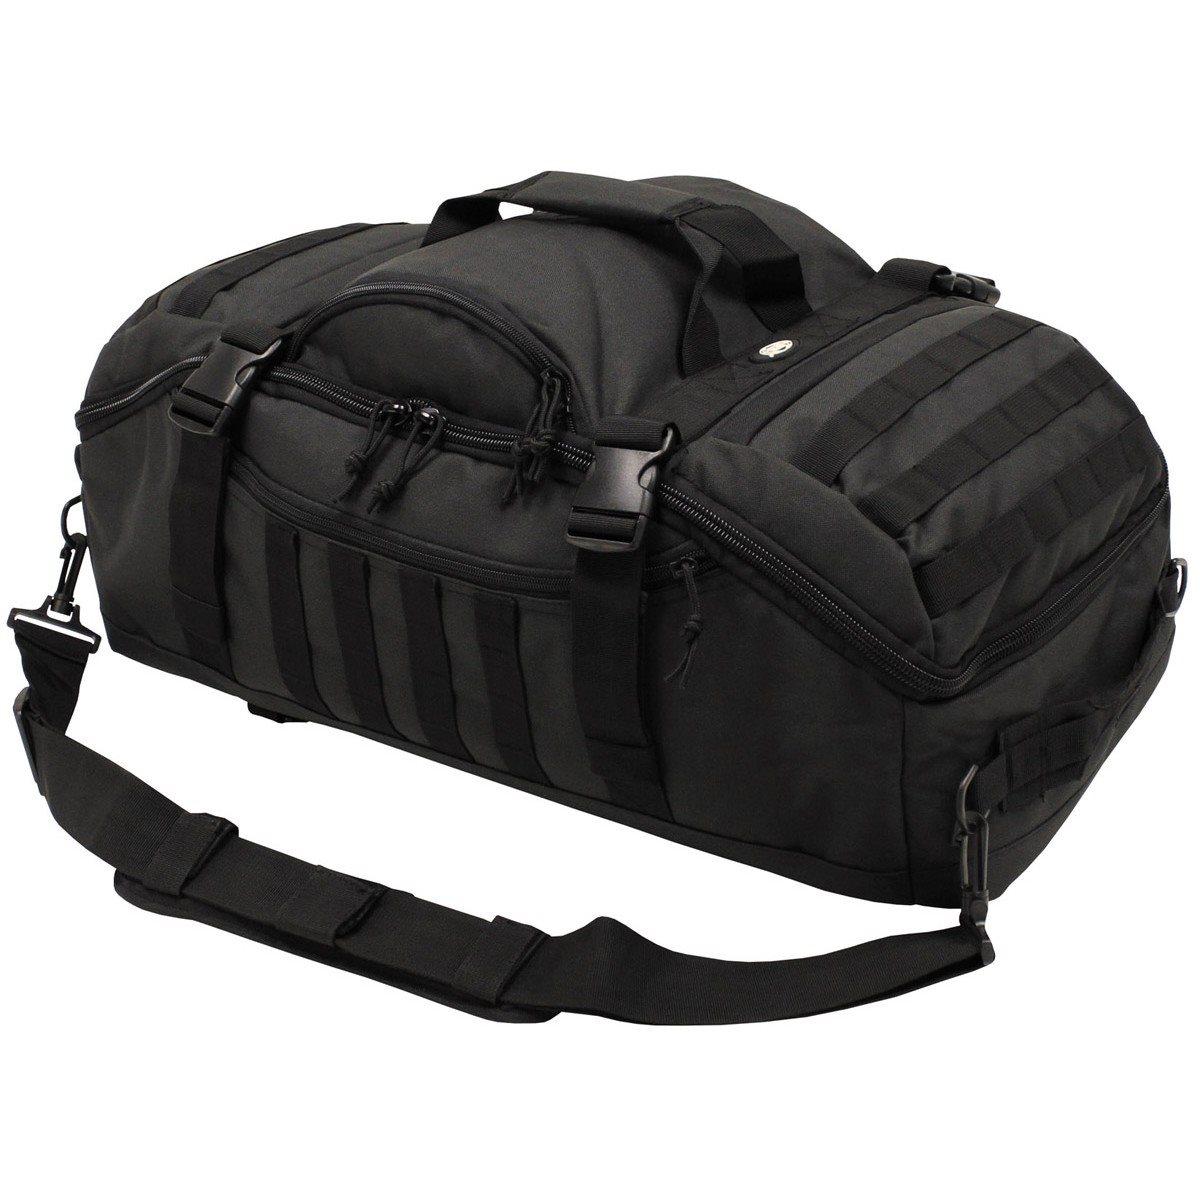 Taška kombinovaná s batohem TRAVEL MOLLE ÈERNÁ - zvìtšit obrázek